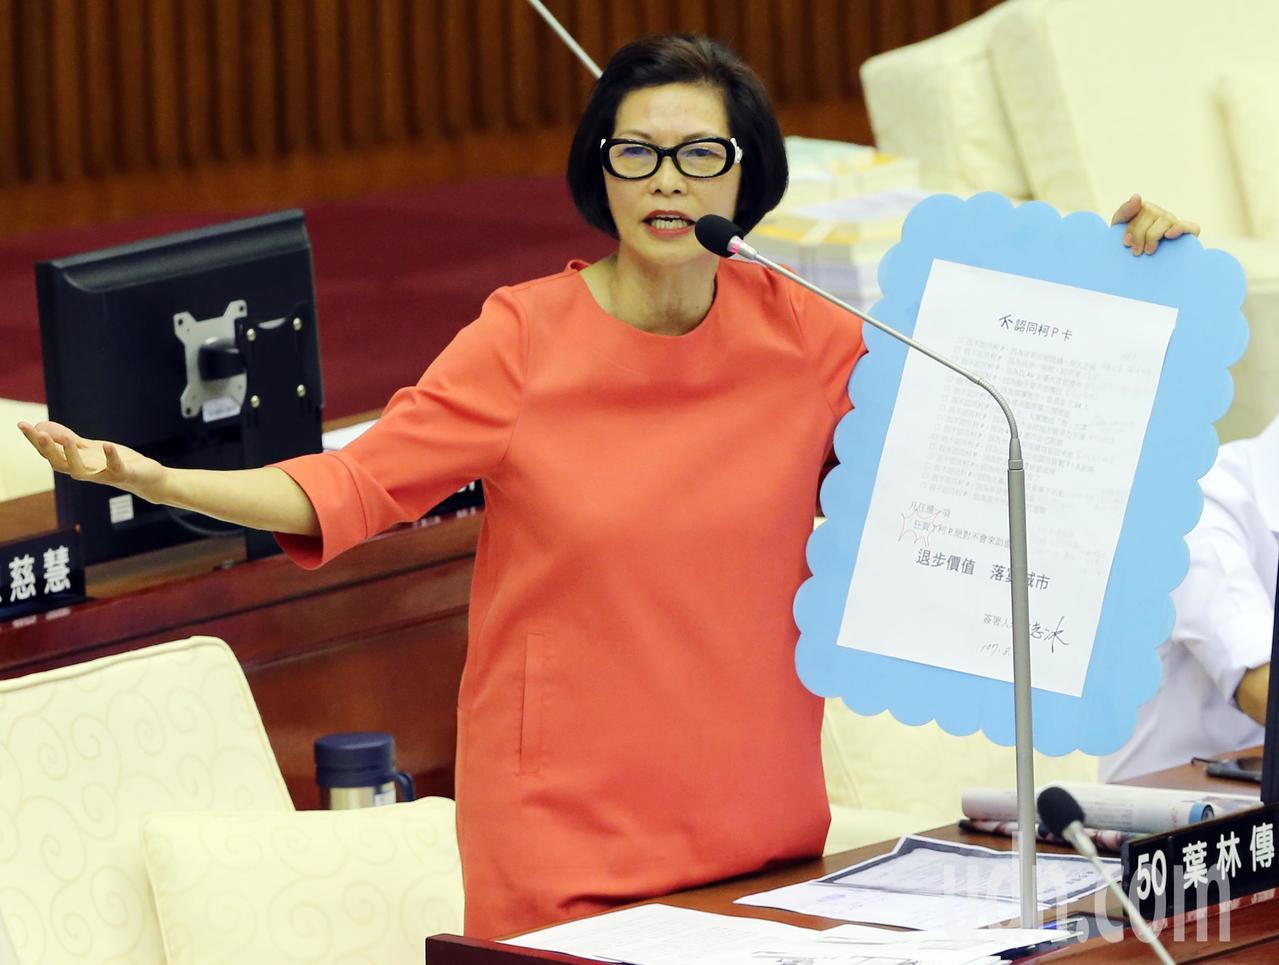 台北市議會總質詢,市議員汪志冰(圖)質詢時手拿不認同柯P卡,一一細數柯市長跳票的...